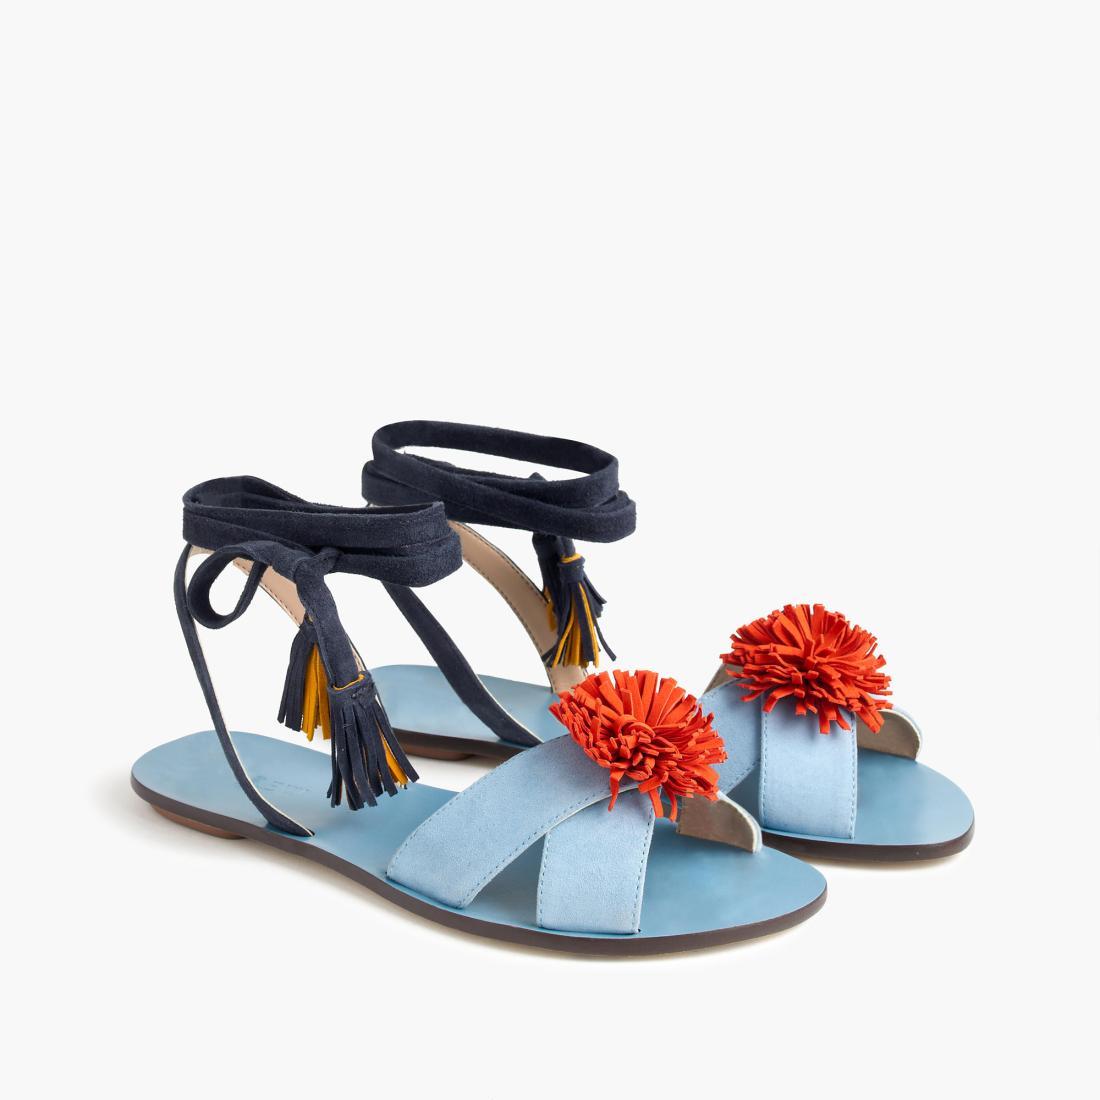 J Crew pom pom sandals